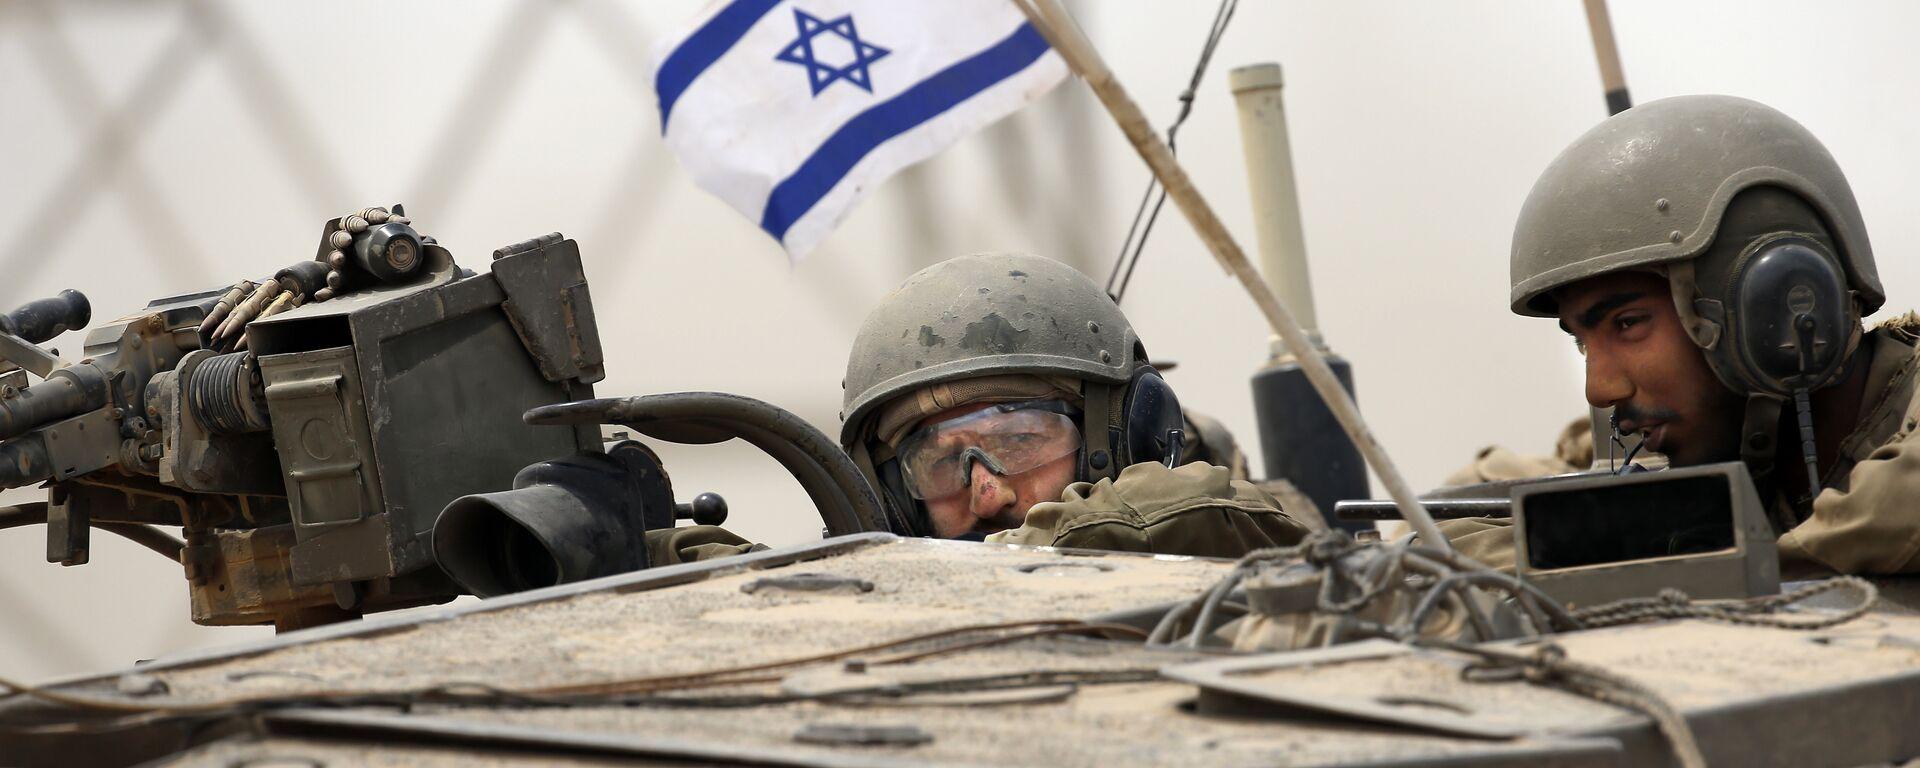 Soldados del Ejército israelí en un tanque Markava - Sputnik Mundo, 1920, 02.07.2021